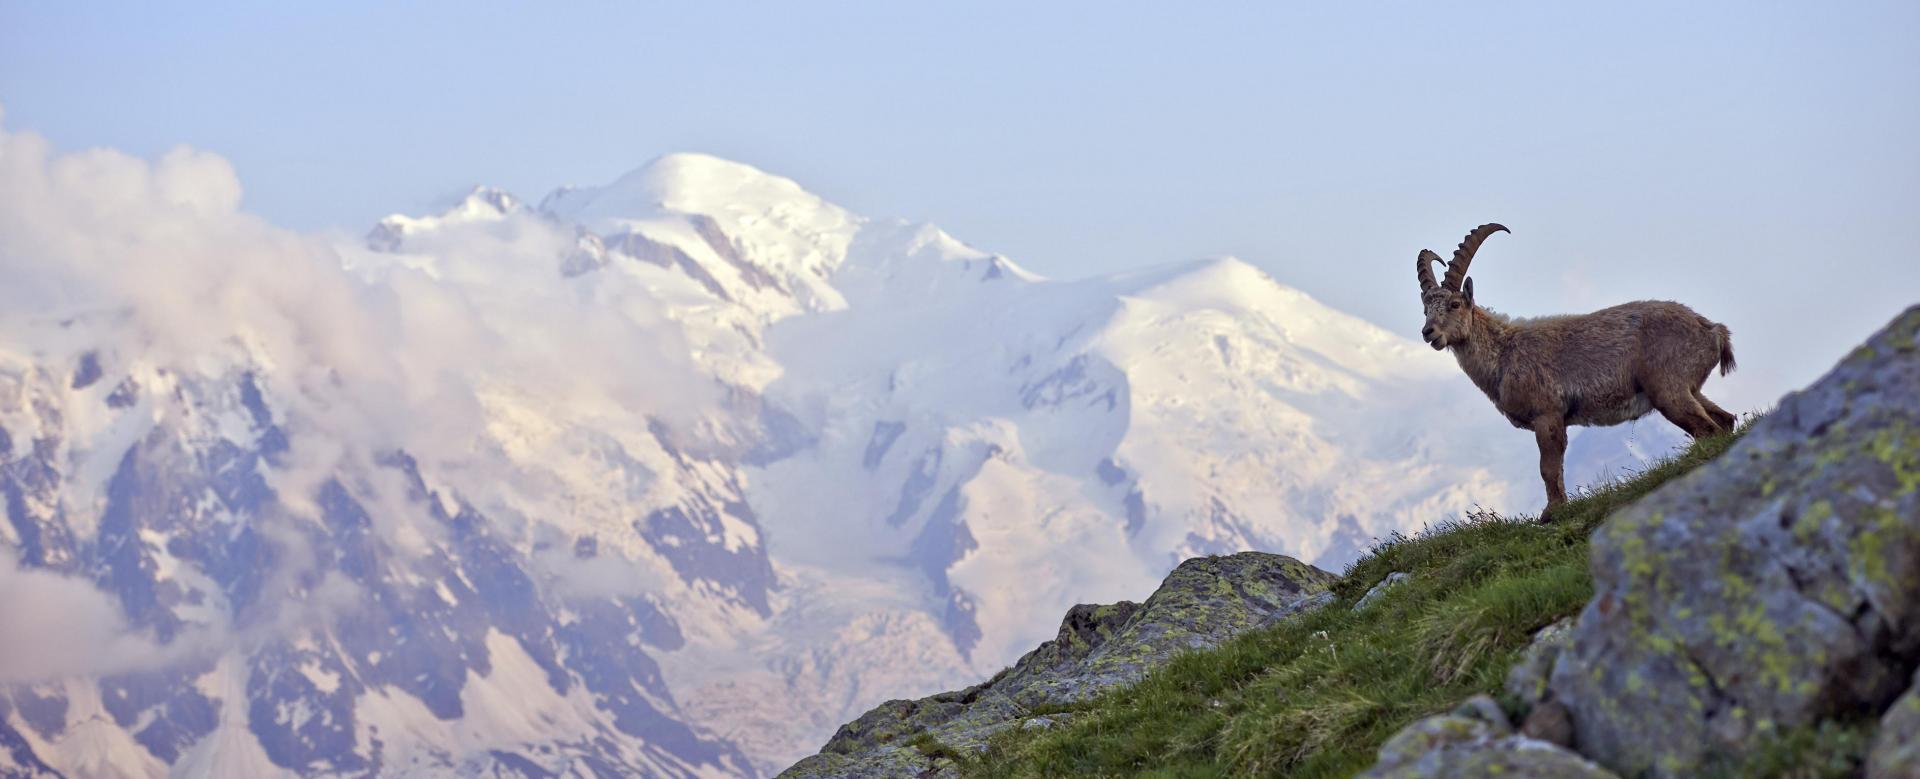 Voyage à pied : Le grand tour du mont-blanc